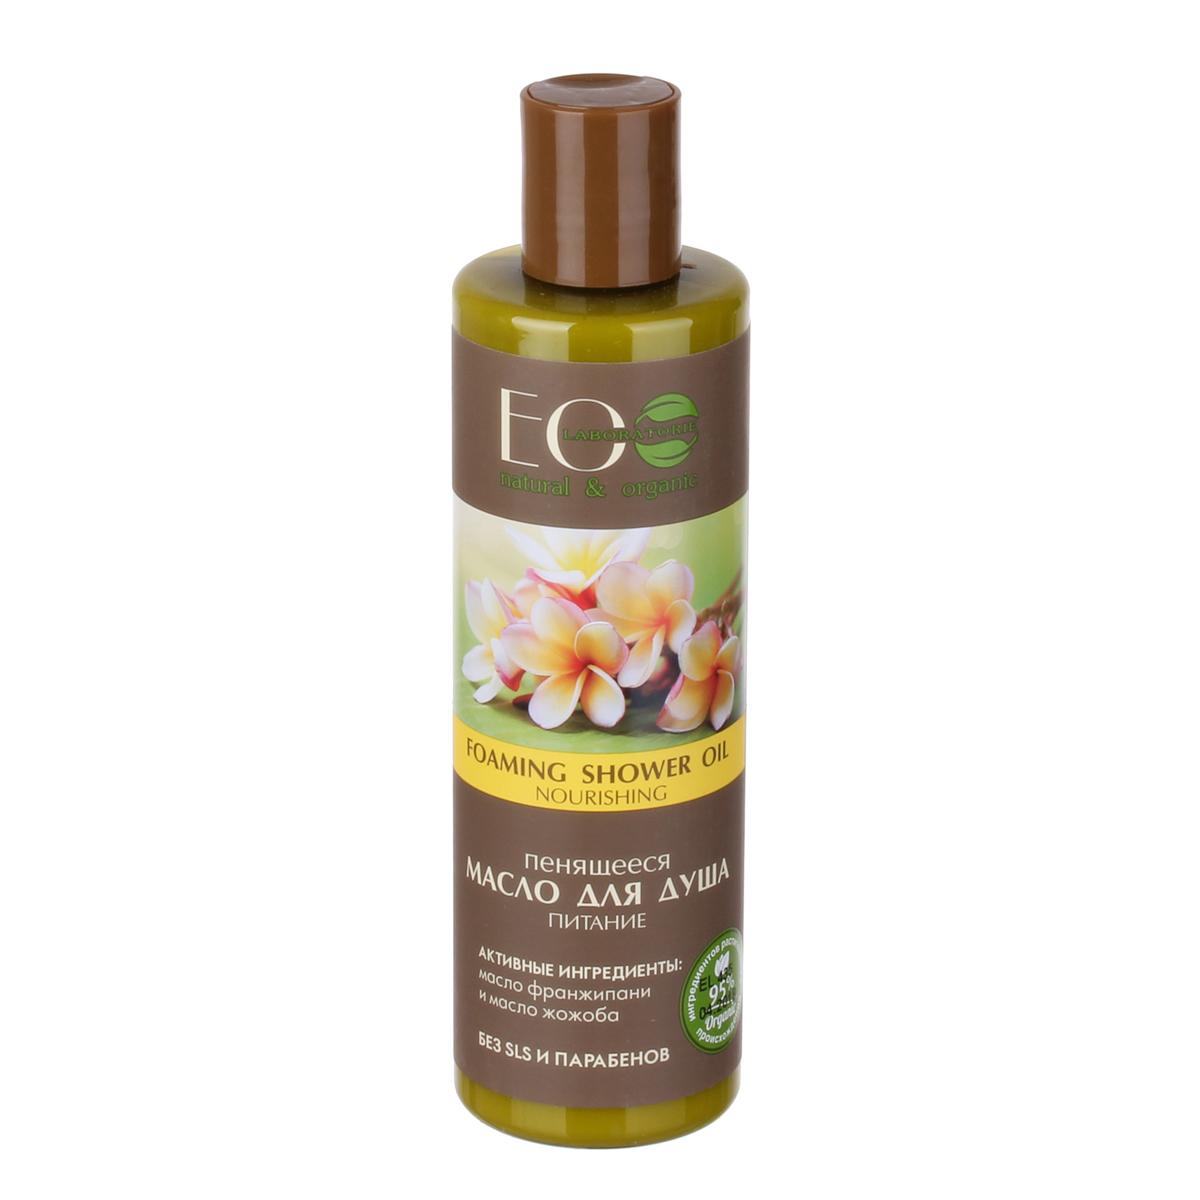 EcoLab ЭкоЛаб Масло пенящееся для душа Питание 250 мл4627089430717Нежно очищает кожу, предохраняя от преждевременного старения и увядания. Восстанавливает естественный уровень влаги в коже, делает ее необыкновенно нежной и упругой. Активные ингредиенты: масло франжипани и экстракт иланг-иланга